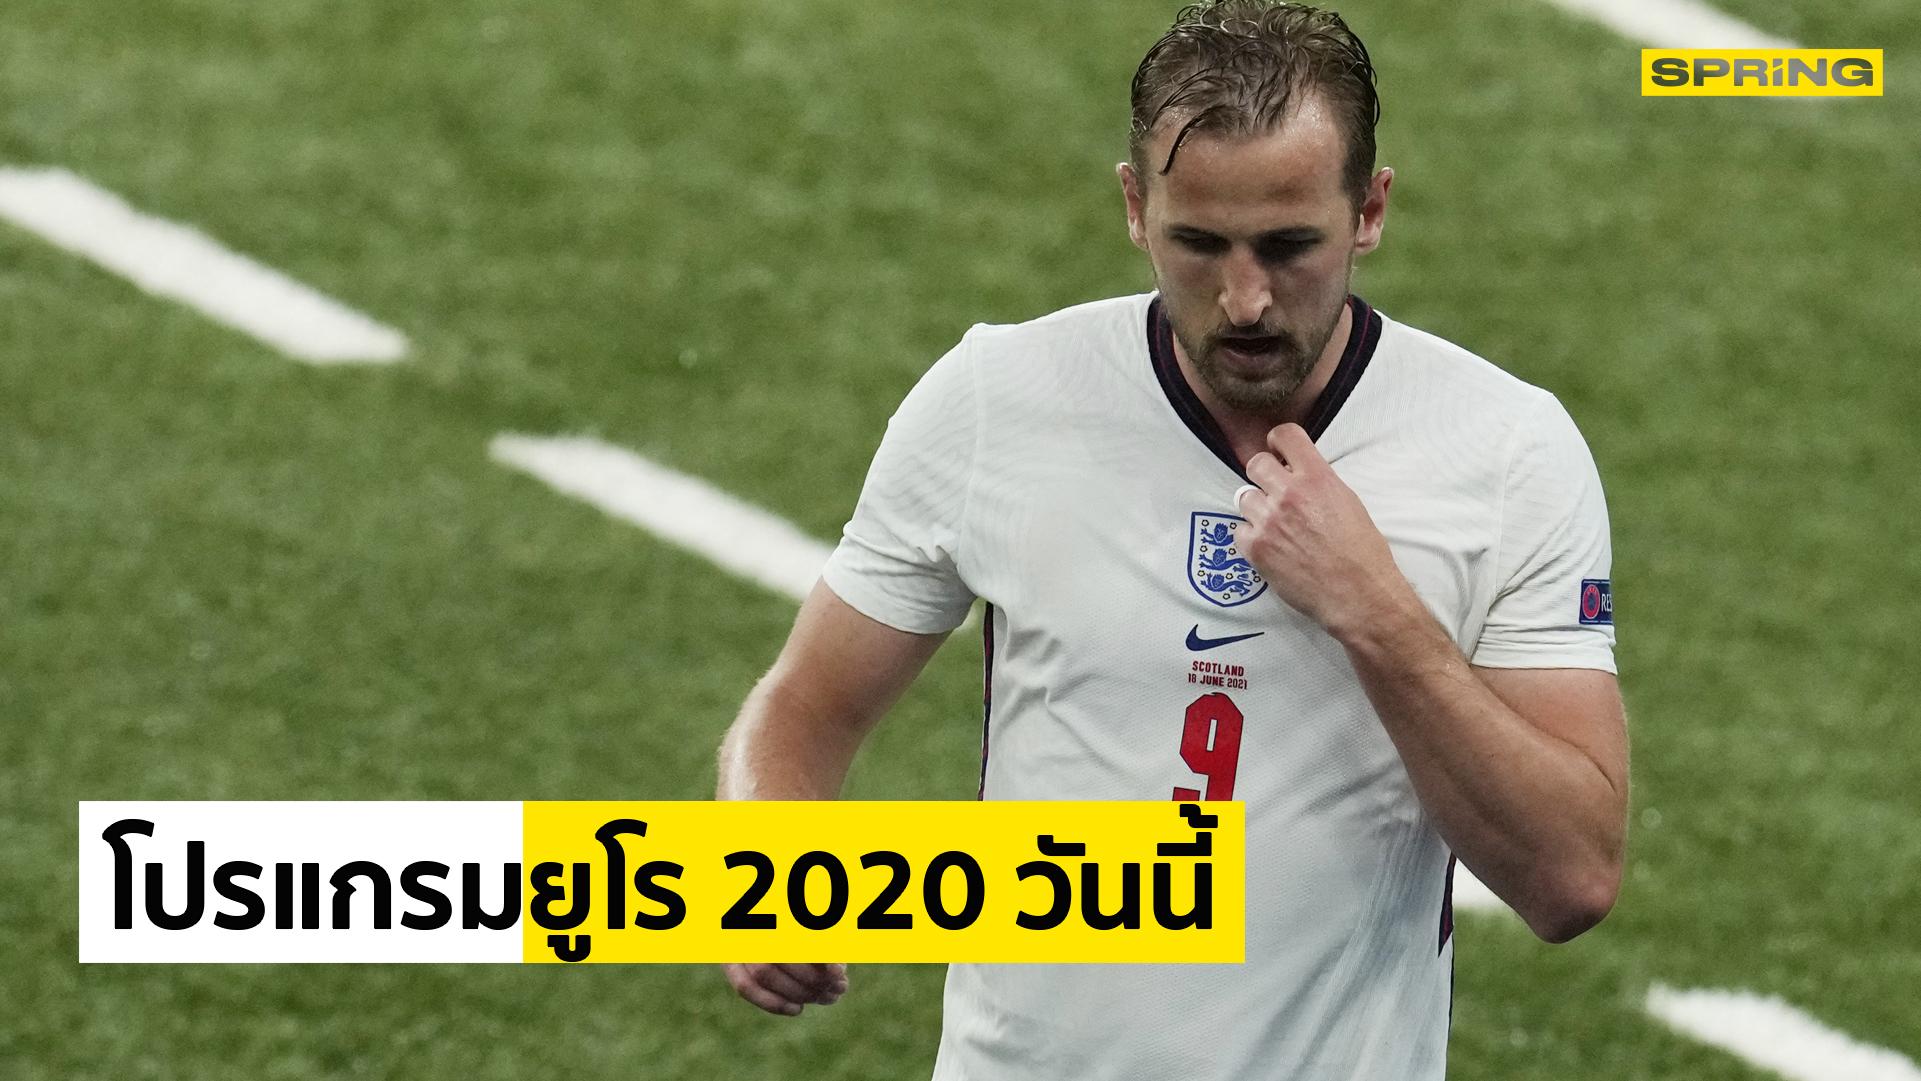 ตารางบอลยูโร 2020 วันอังคารที่ 22 มิ.ย. 64 ตารางคะแนน ผลบอลล่าสุด